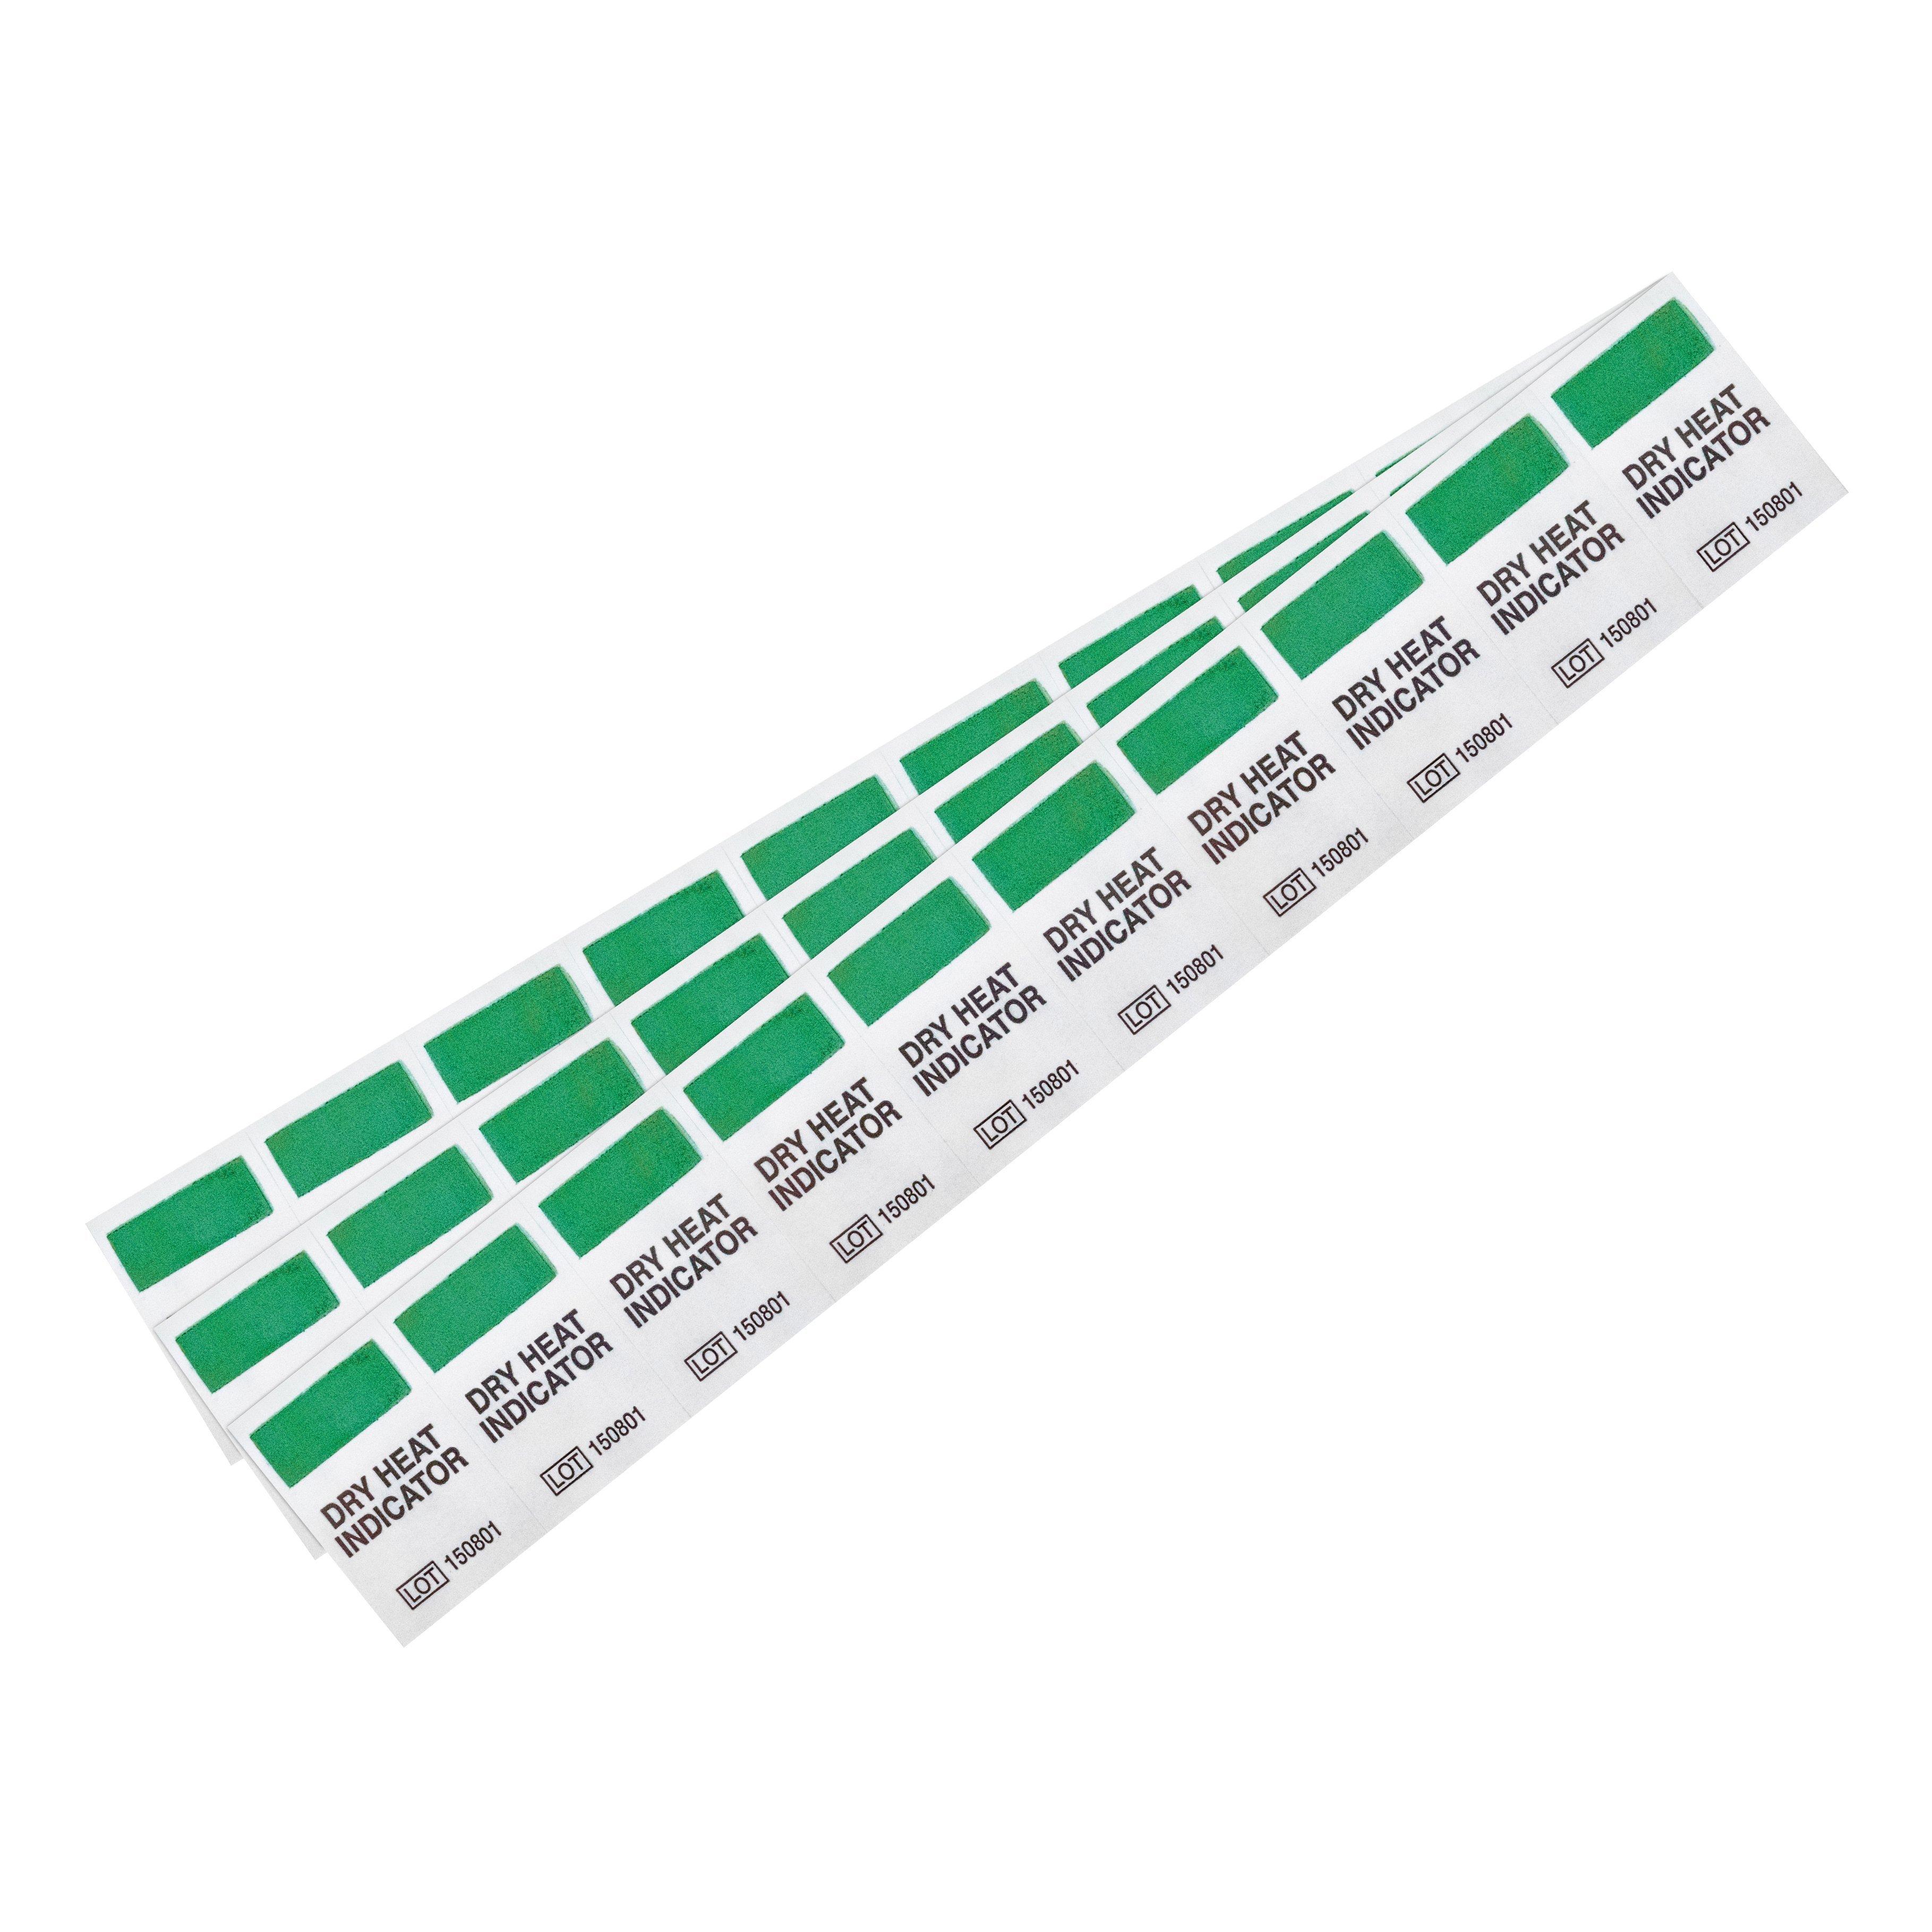 Samolepiace štítky pre teplovzdušnú sterilizáciu 200 ks